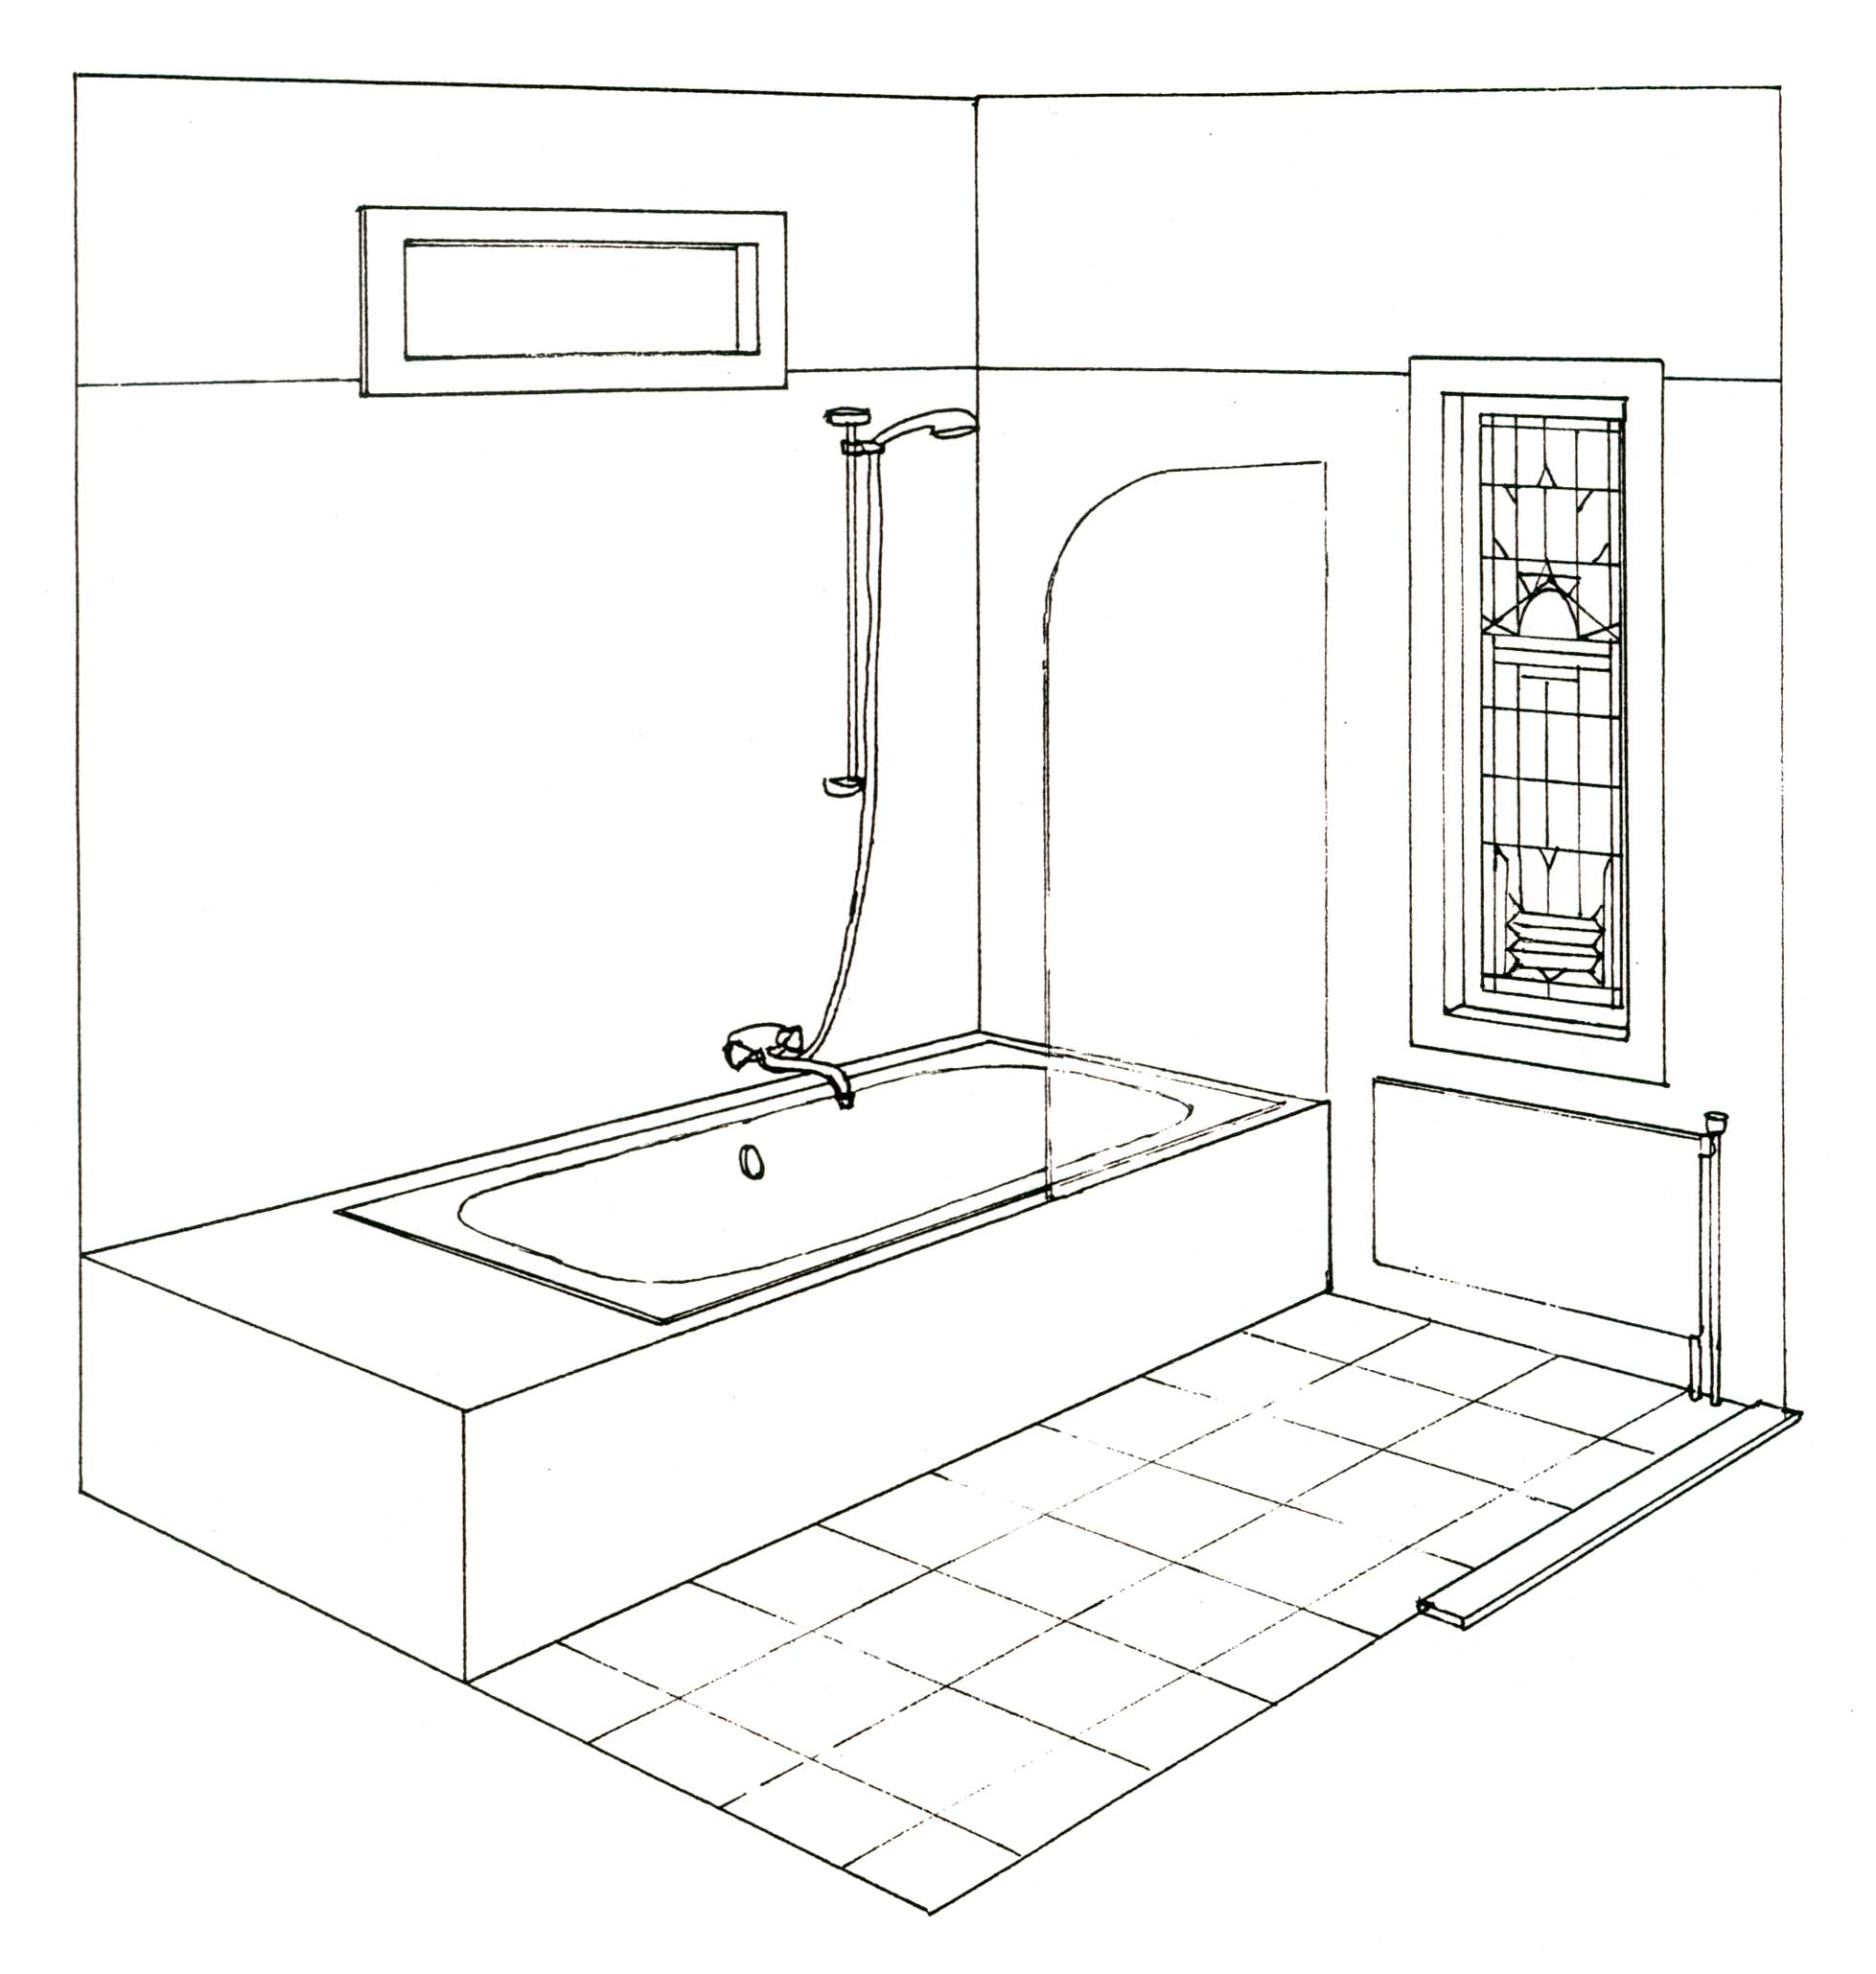 Radiatorombouw zelf maken for Tekening badkamer maken